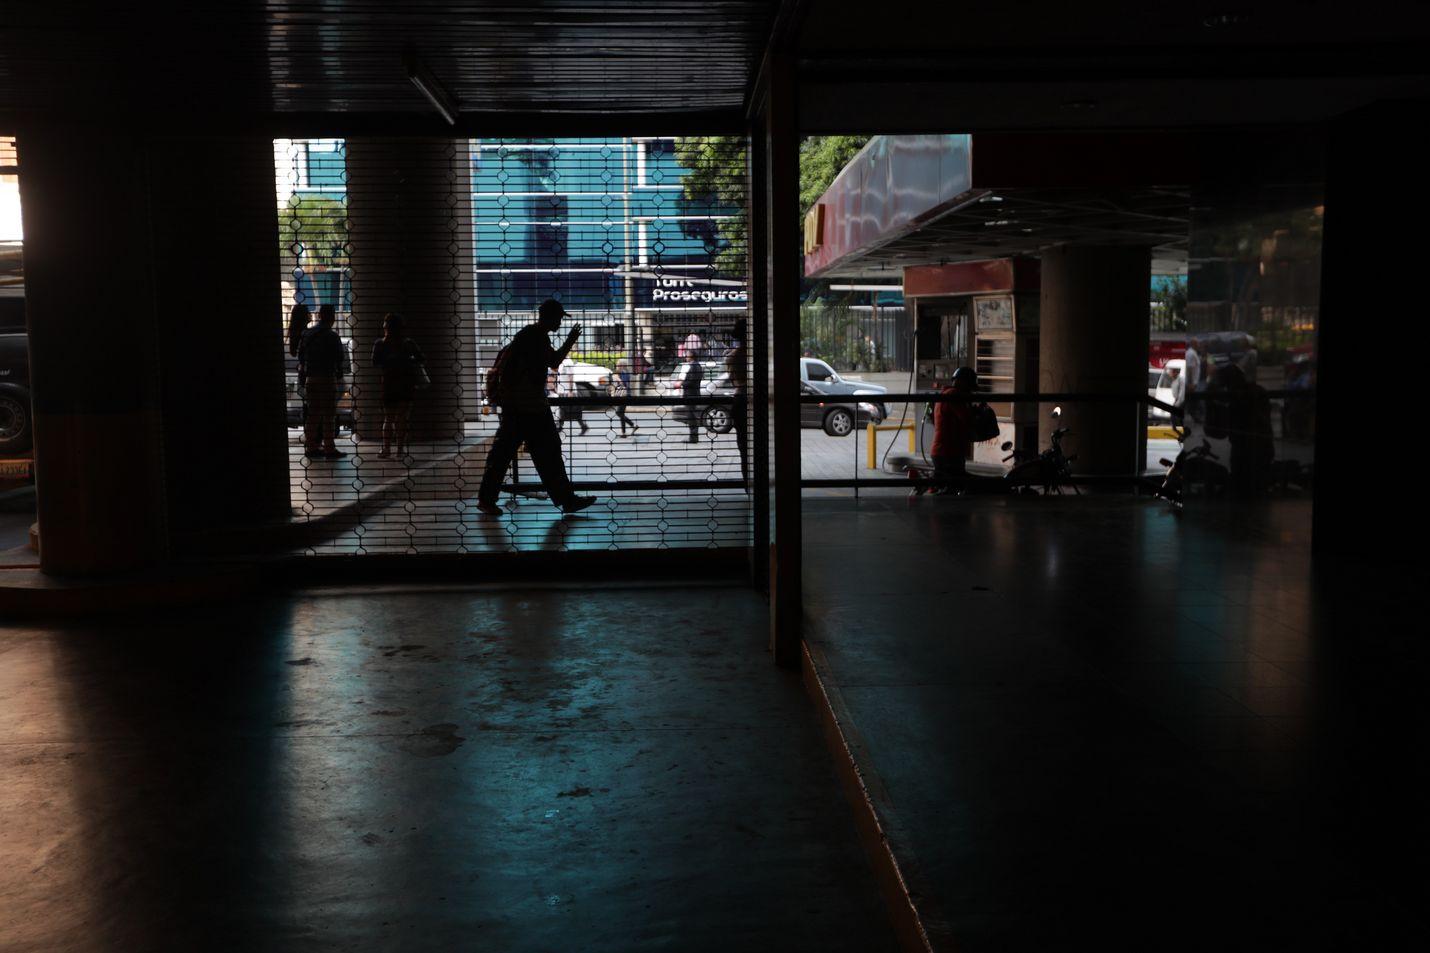 Ryhmä ihmisiä jäi pimeyteen Venezuelan parlamenttirakennuksessa, kun sähkökatko pysäytti taas toimintoja pääkaupungissa Caracasissa.